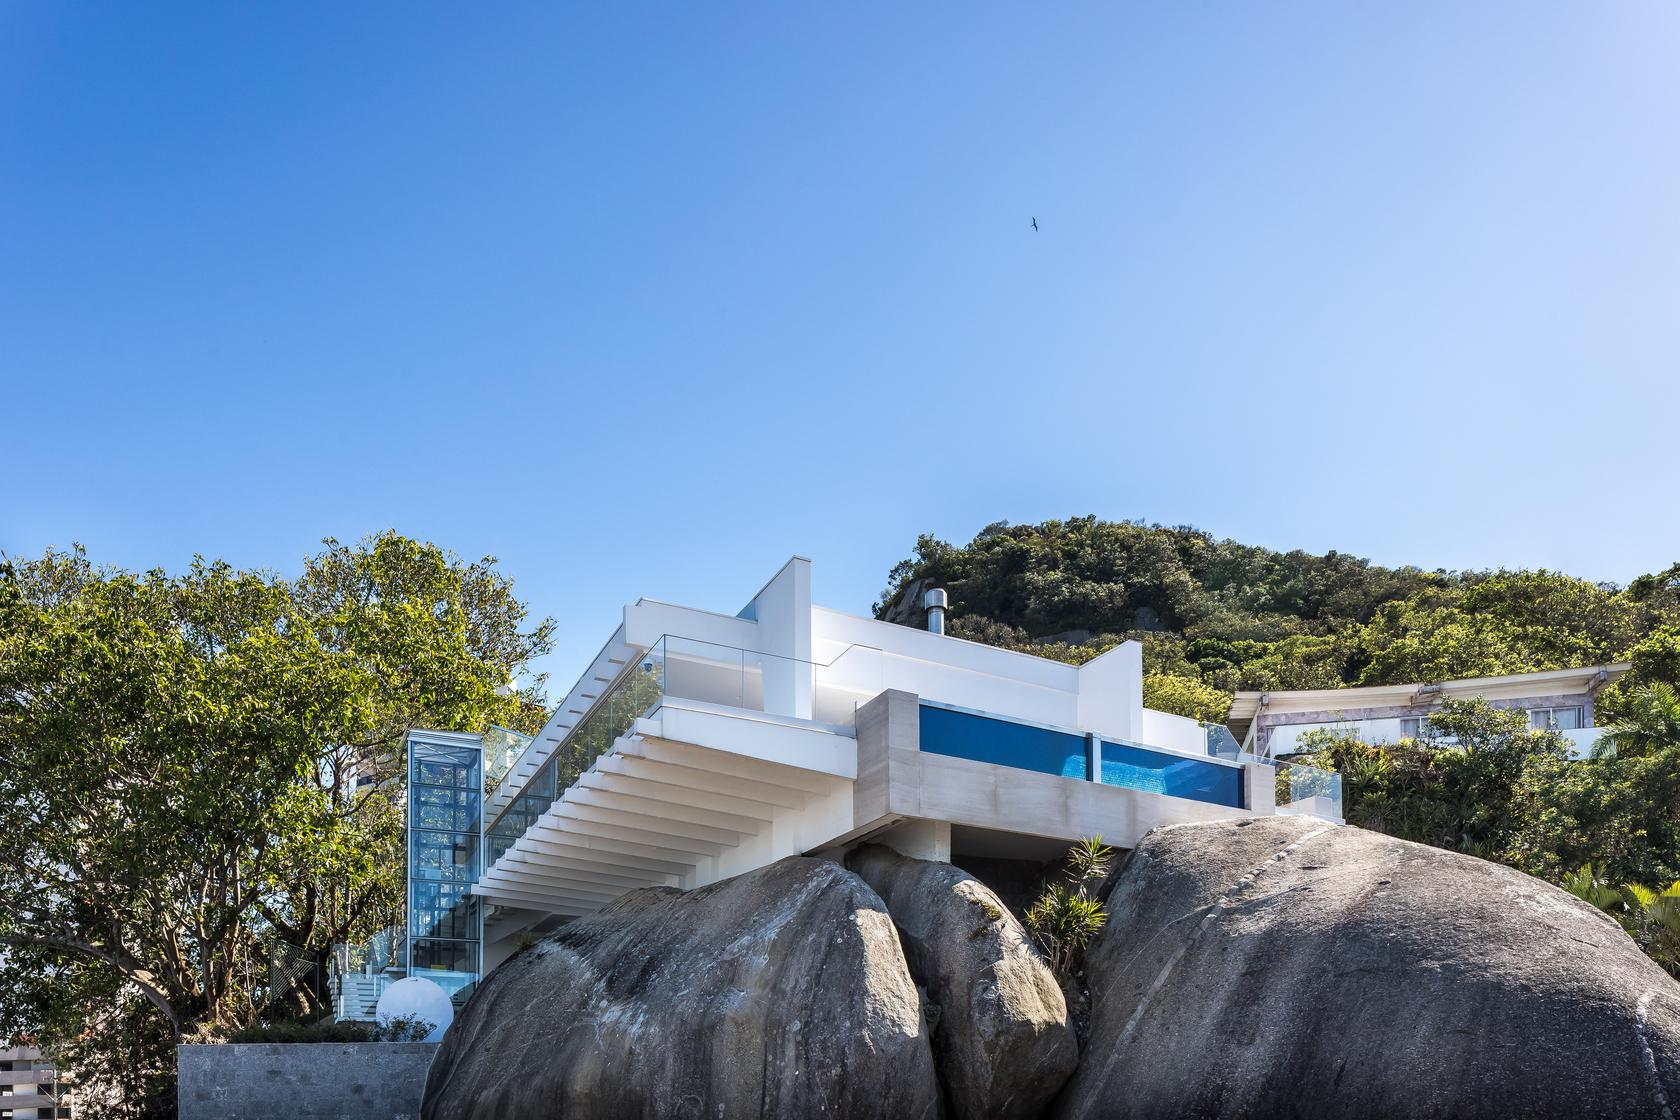 Casa ganhou um elevador e uma piscina com lateral em vidro, valorizando a vista para o mar.